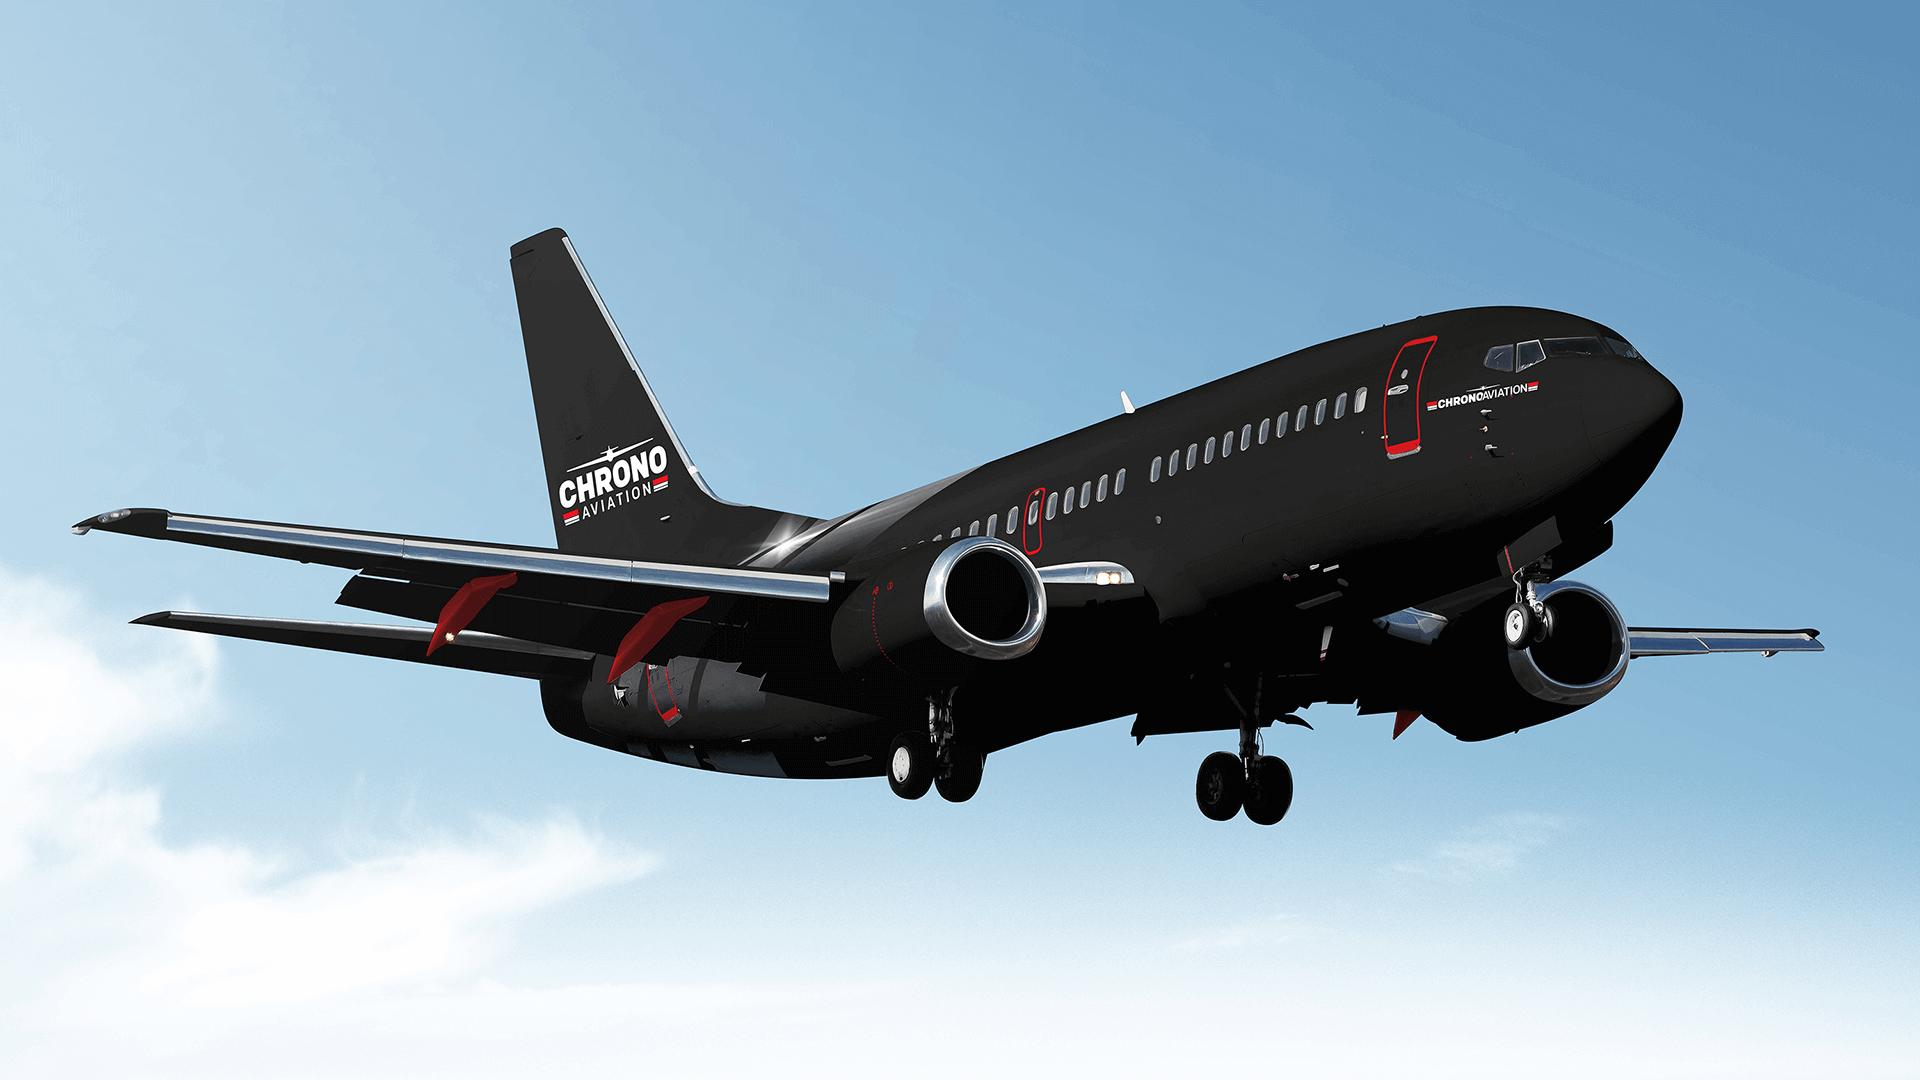 Identité visuelle   Boeing 737 noir vu de face   Chrono Aviation